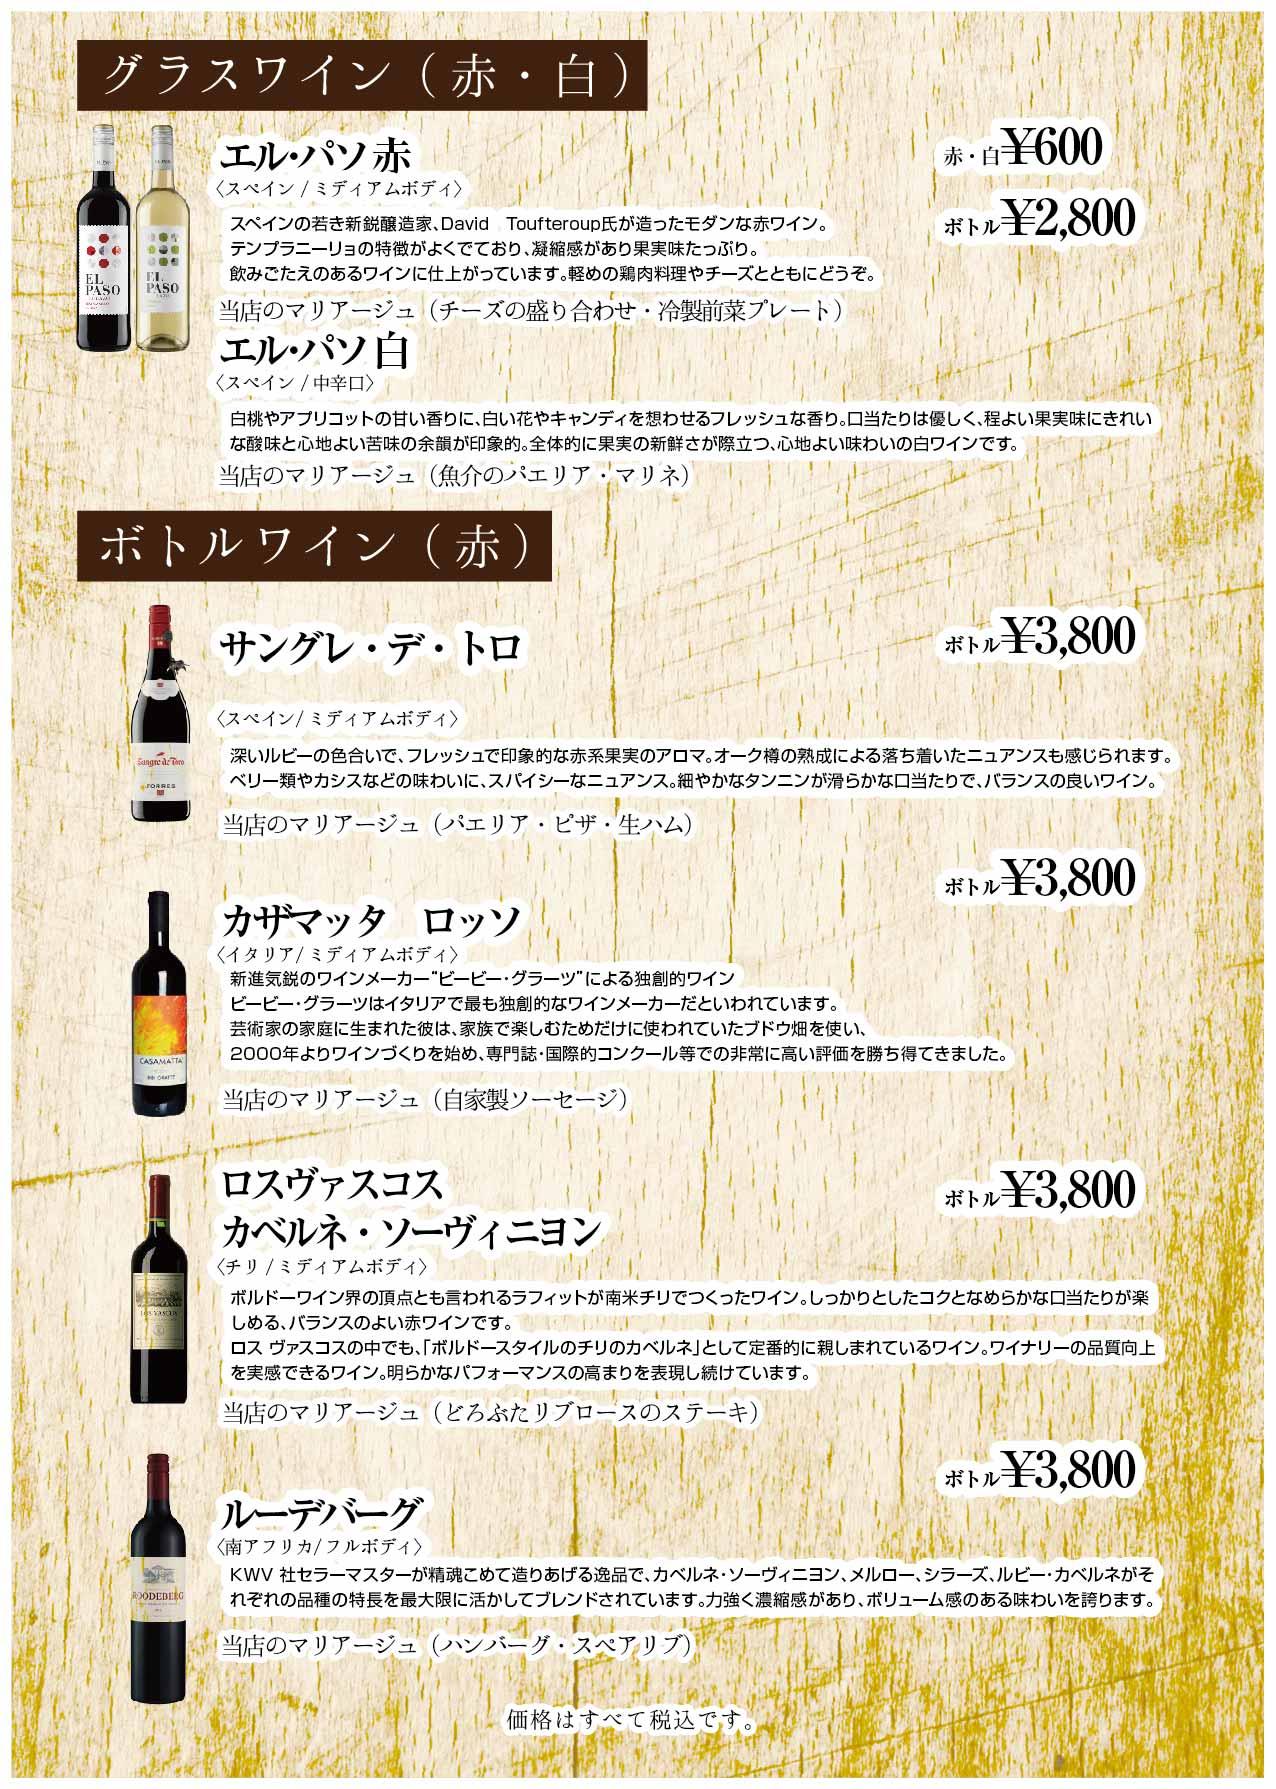 2019_ドリンク増税ver1.2-04